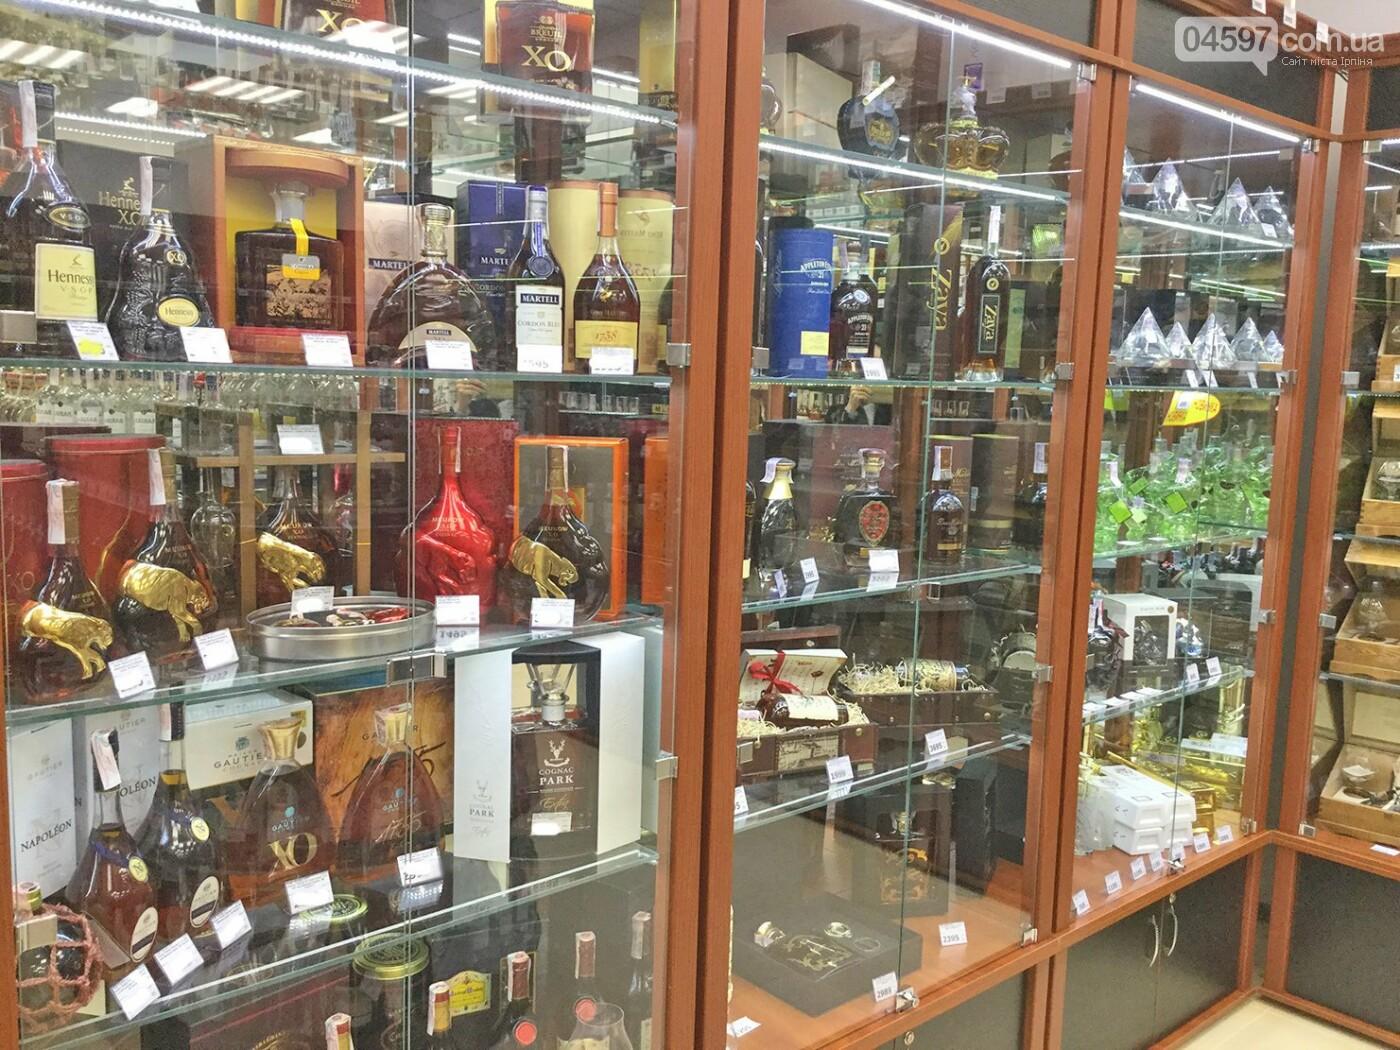 Фірмова крамниця «Вина світу» в Ірпені задовольнить смаки найвибагливіших гурманів!, фото-1